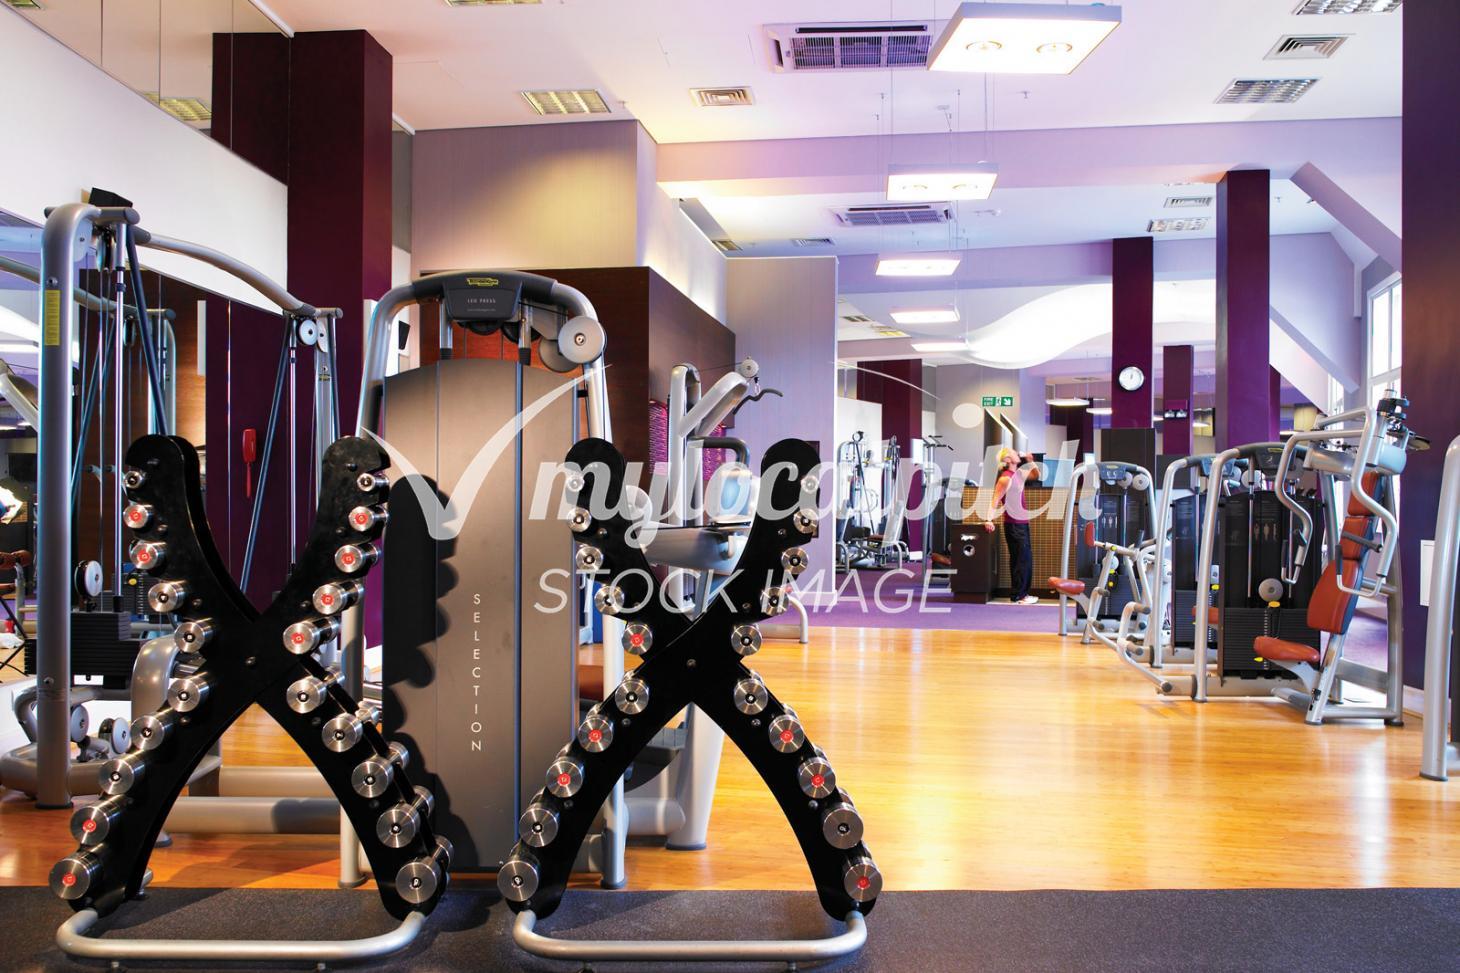 Southbank Club Gym gym